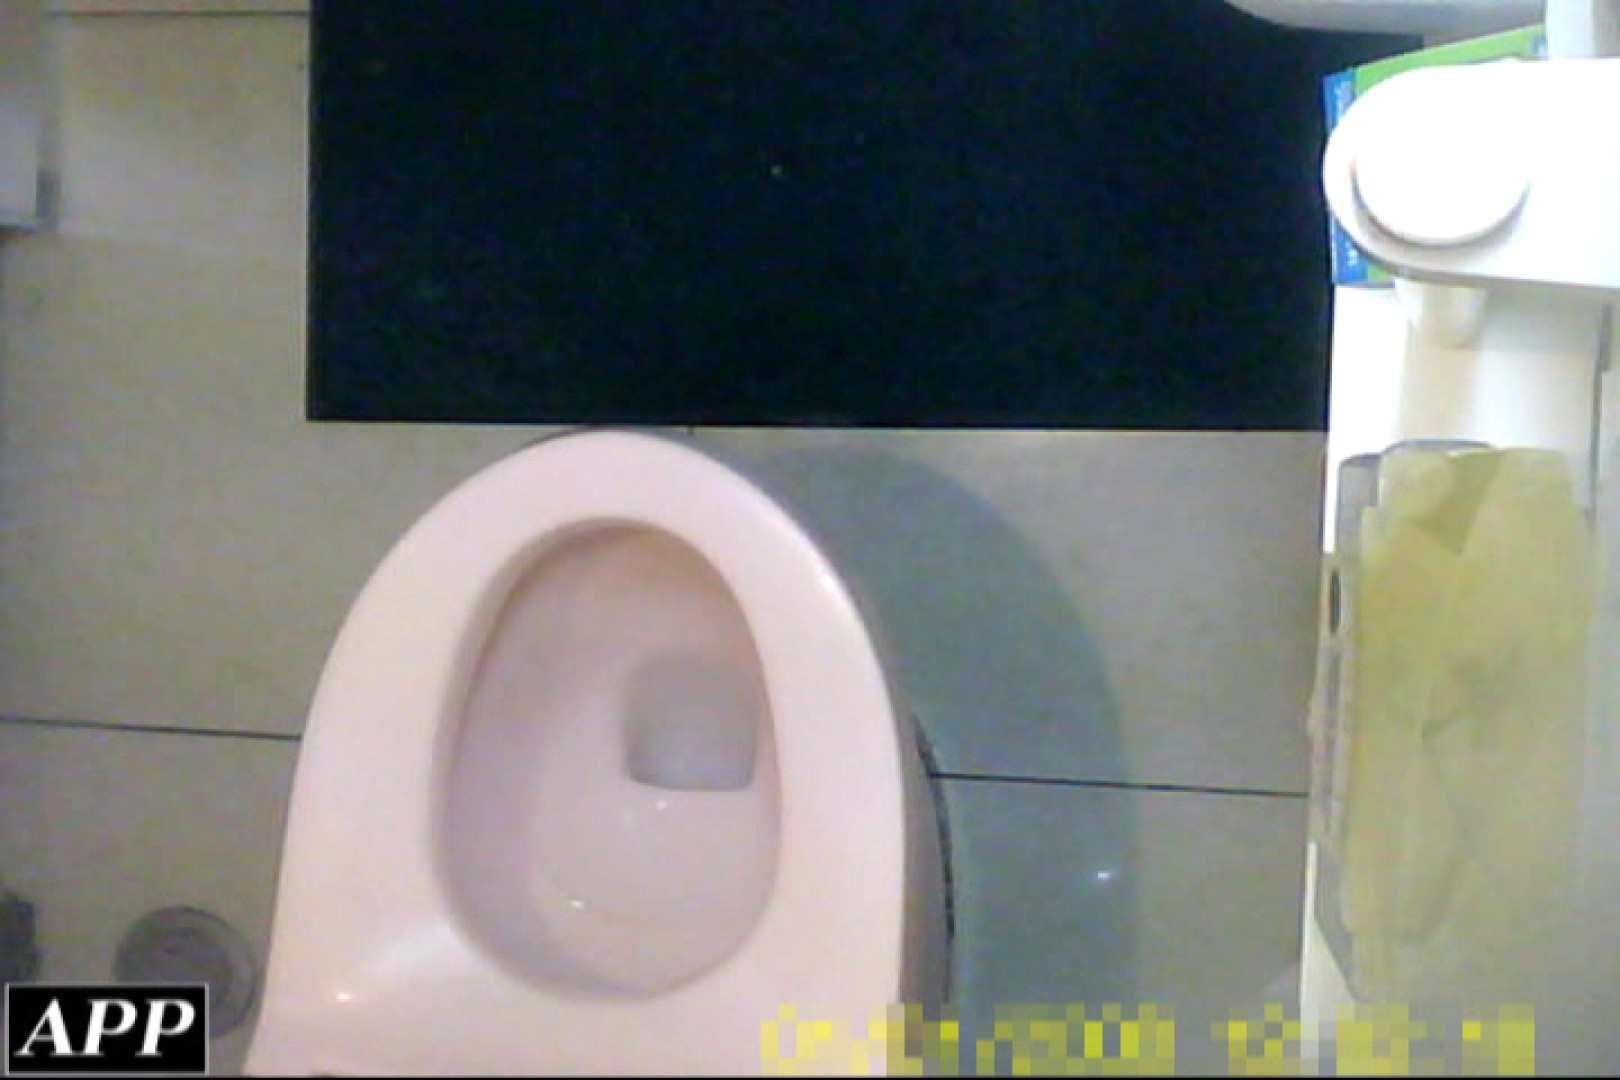 3視点洗面所 vol.041 洗面所 | 独身エッチOL  83pic 52